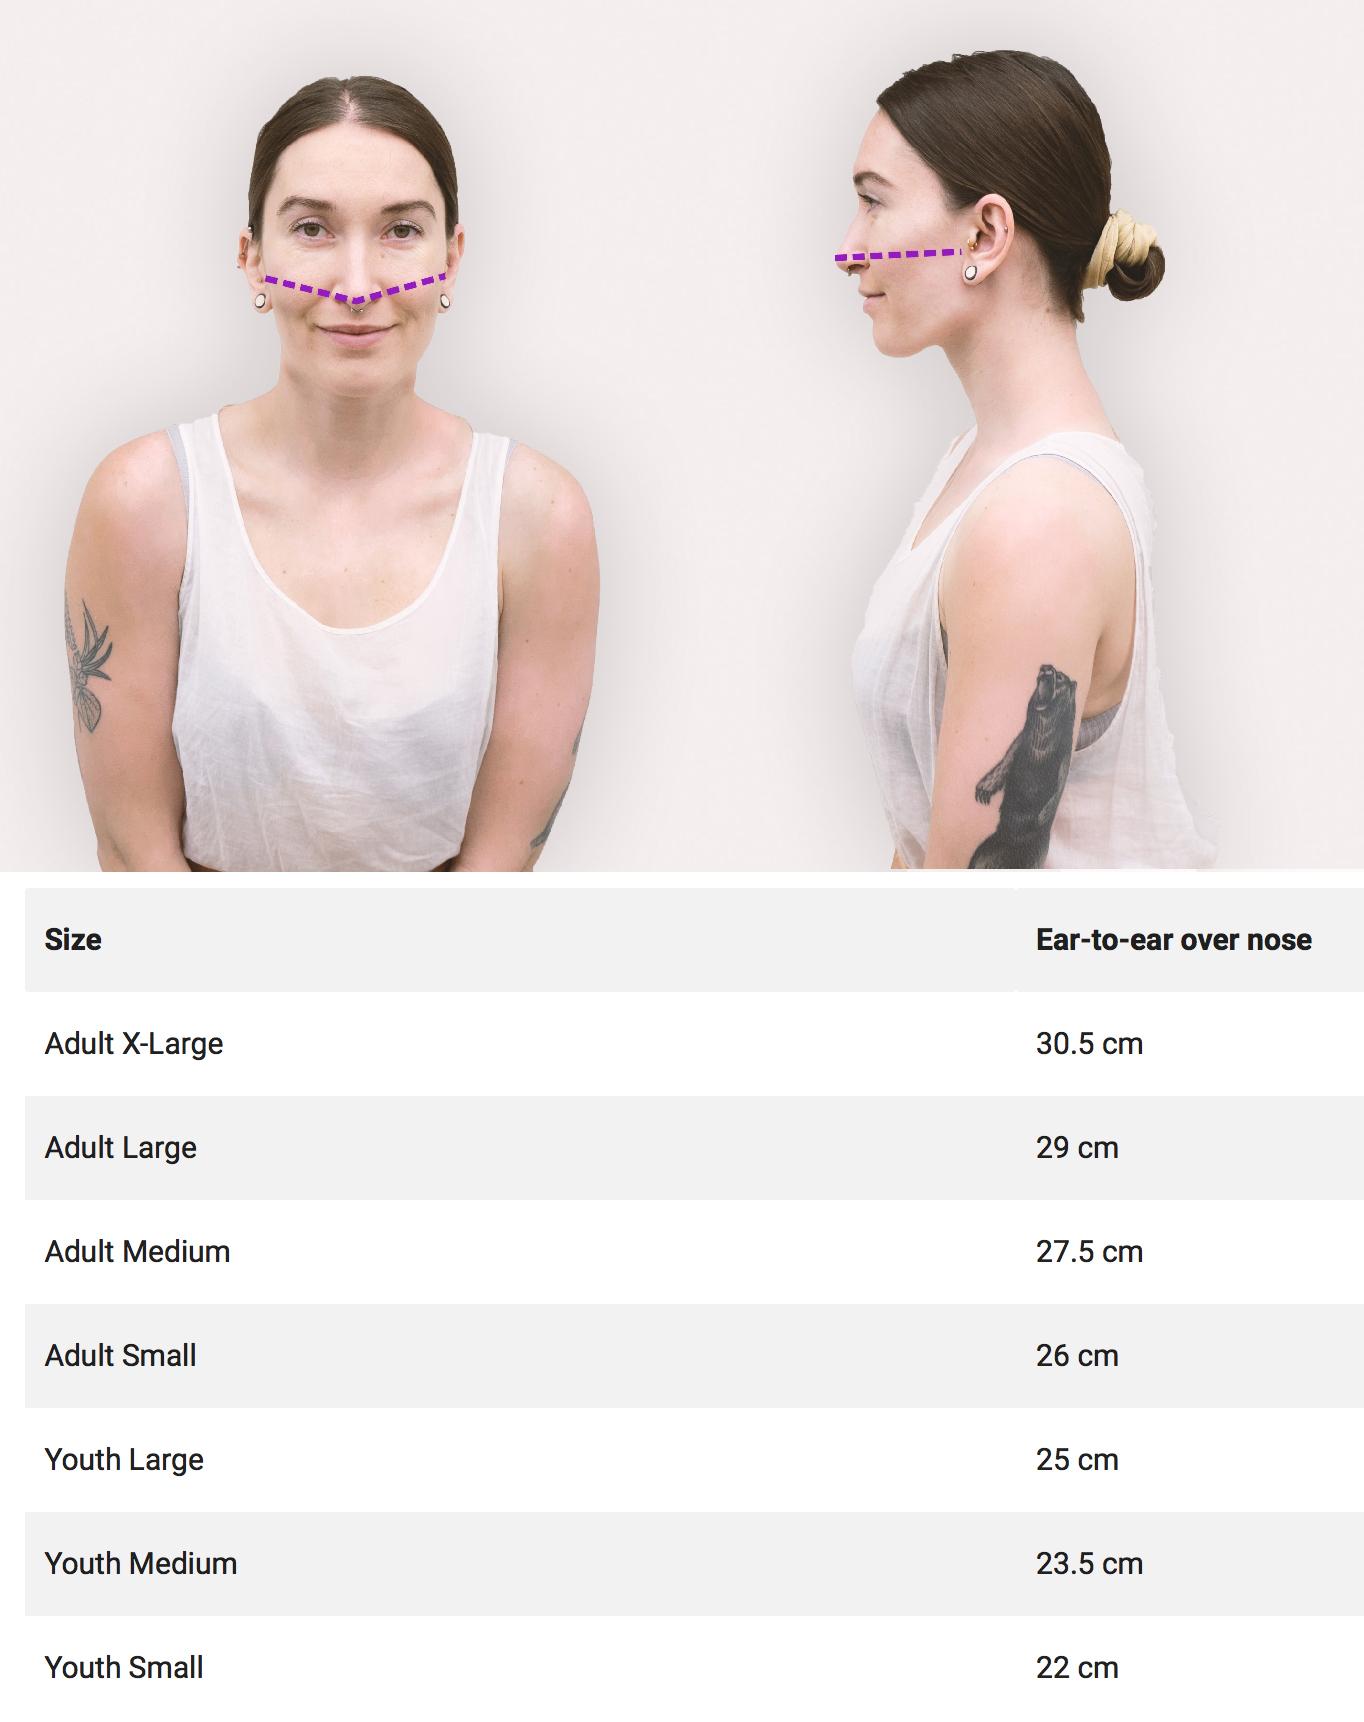 mask-measurement.jpg